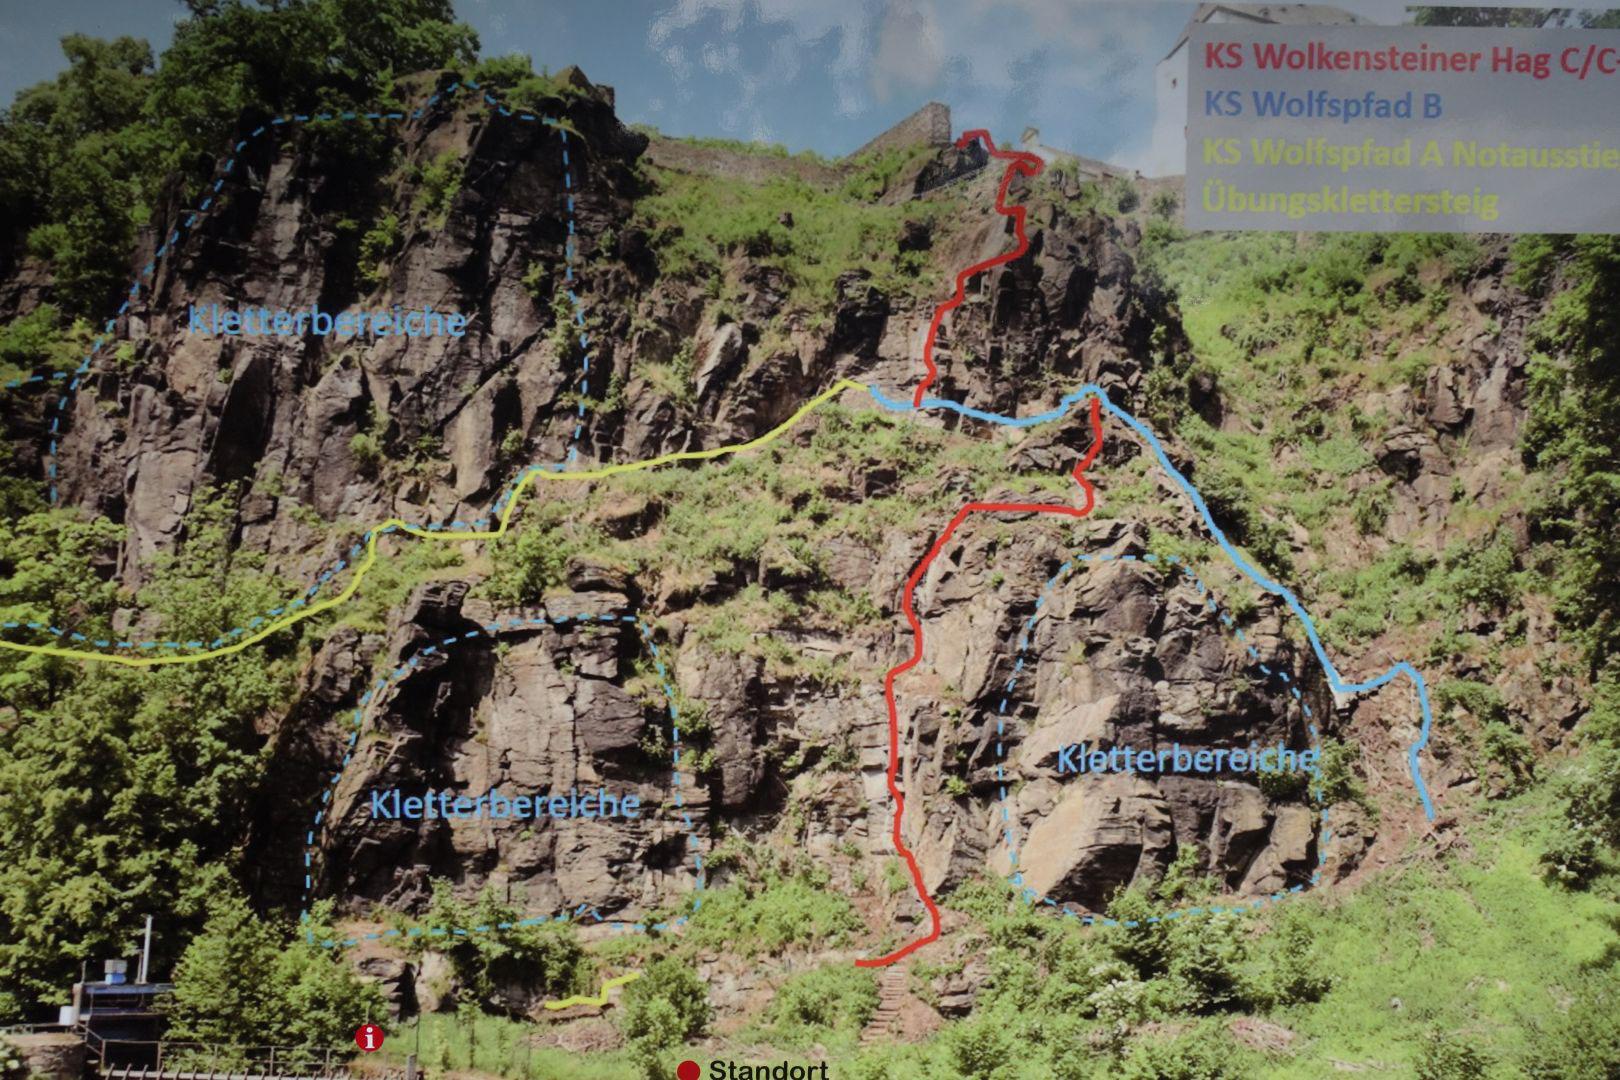 Klettersteigset Platte : Klettersteig wolkensteiner hag und wolfspfad in wolkenstein